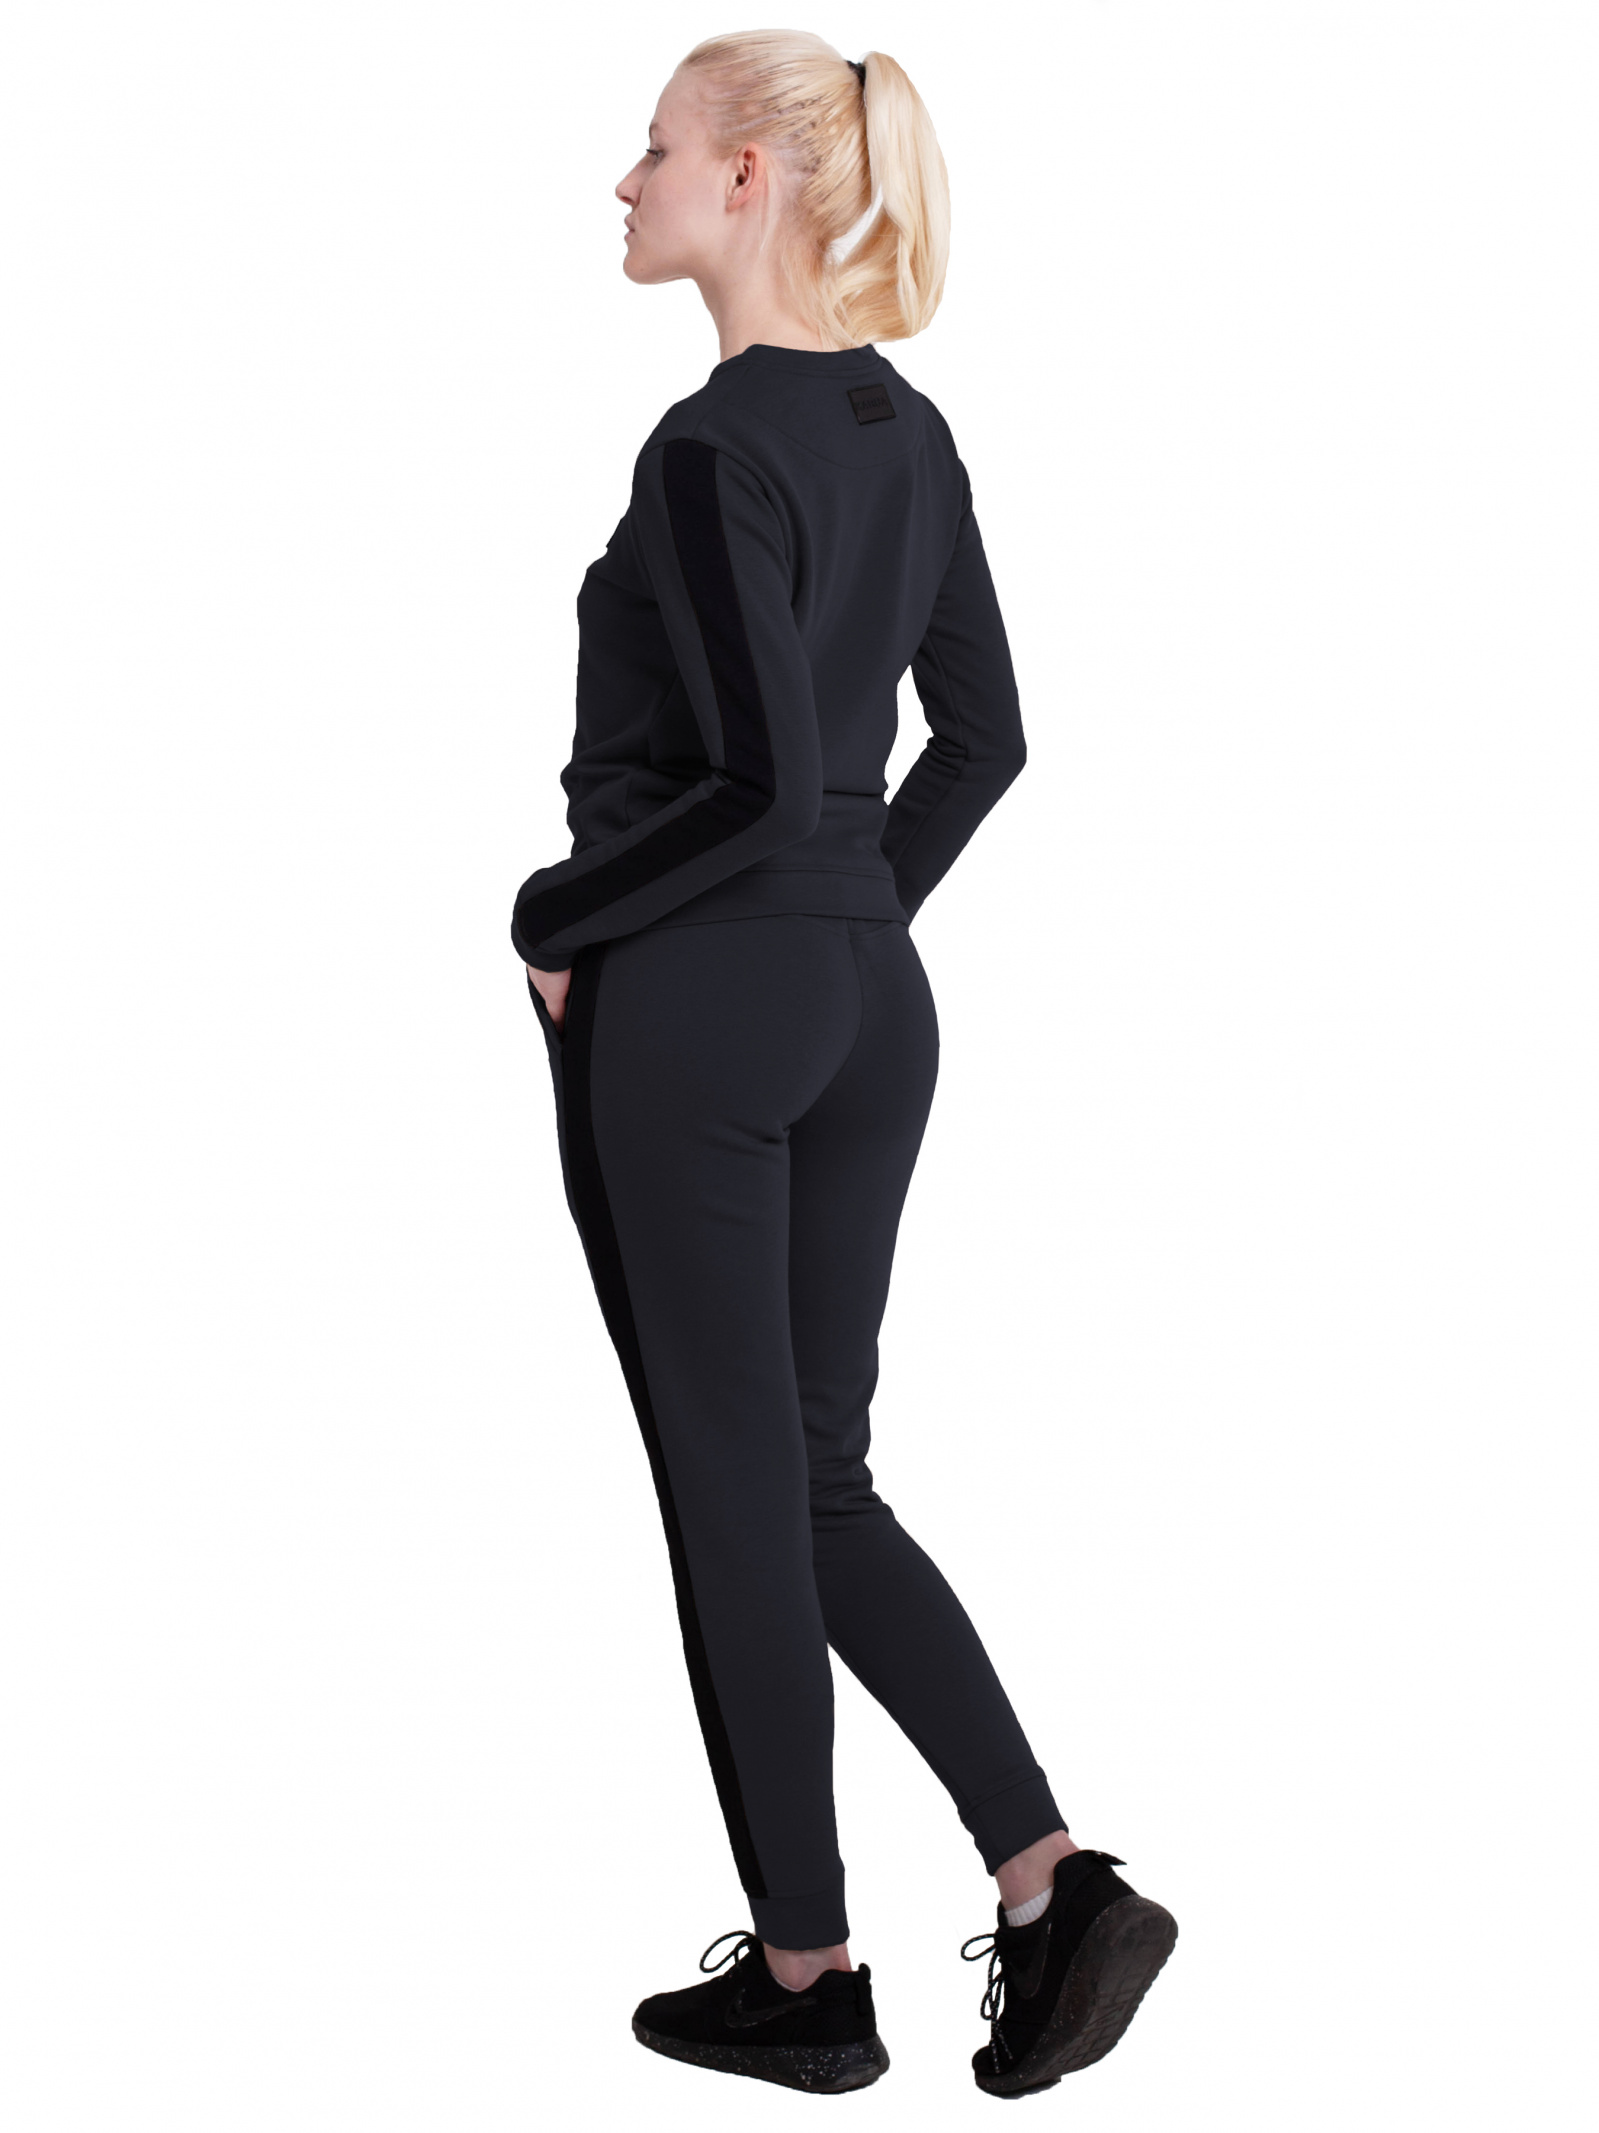 KARUA Костюм (спорт) жіночі модель S-00607 ціна, 2017